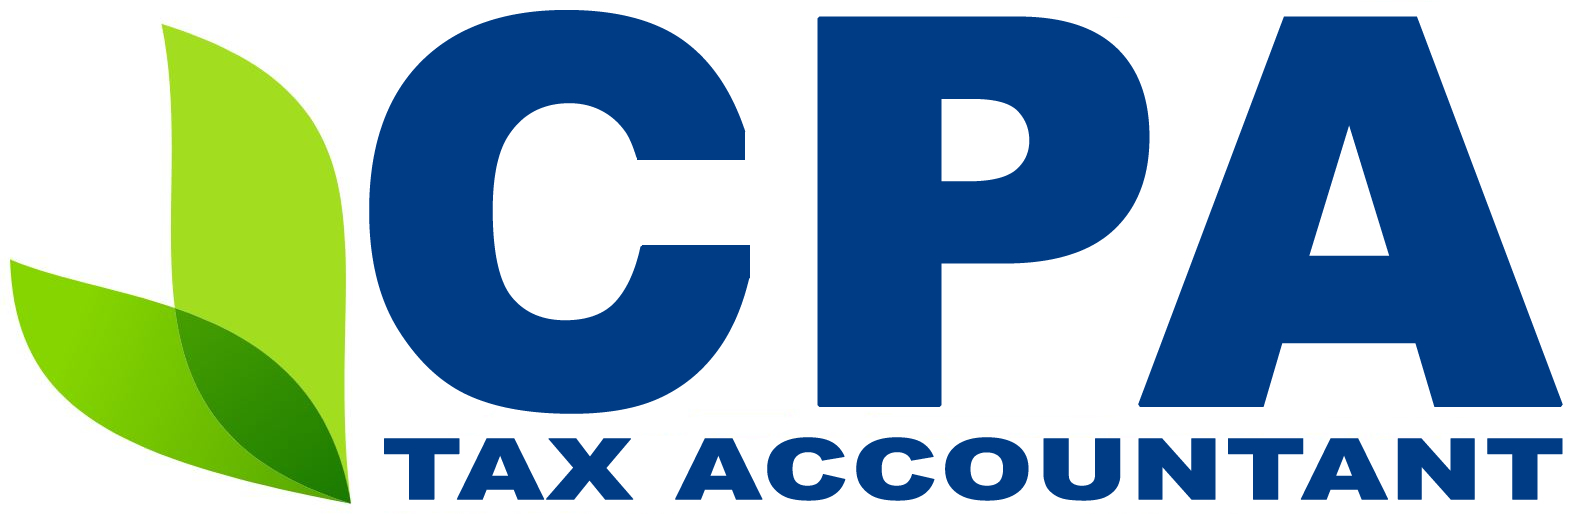 CPA Tax Accountant, Phoenix, AZ